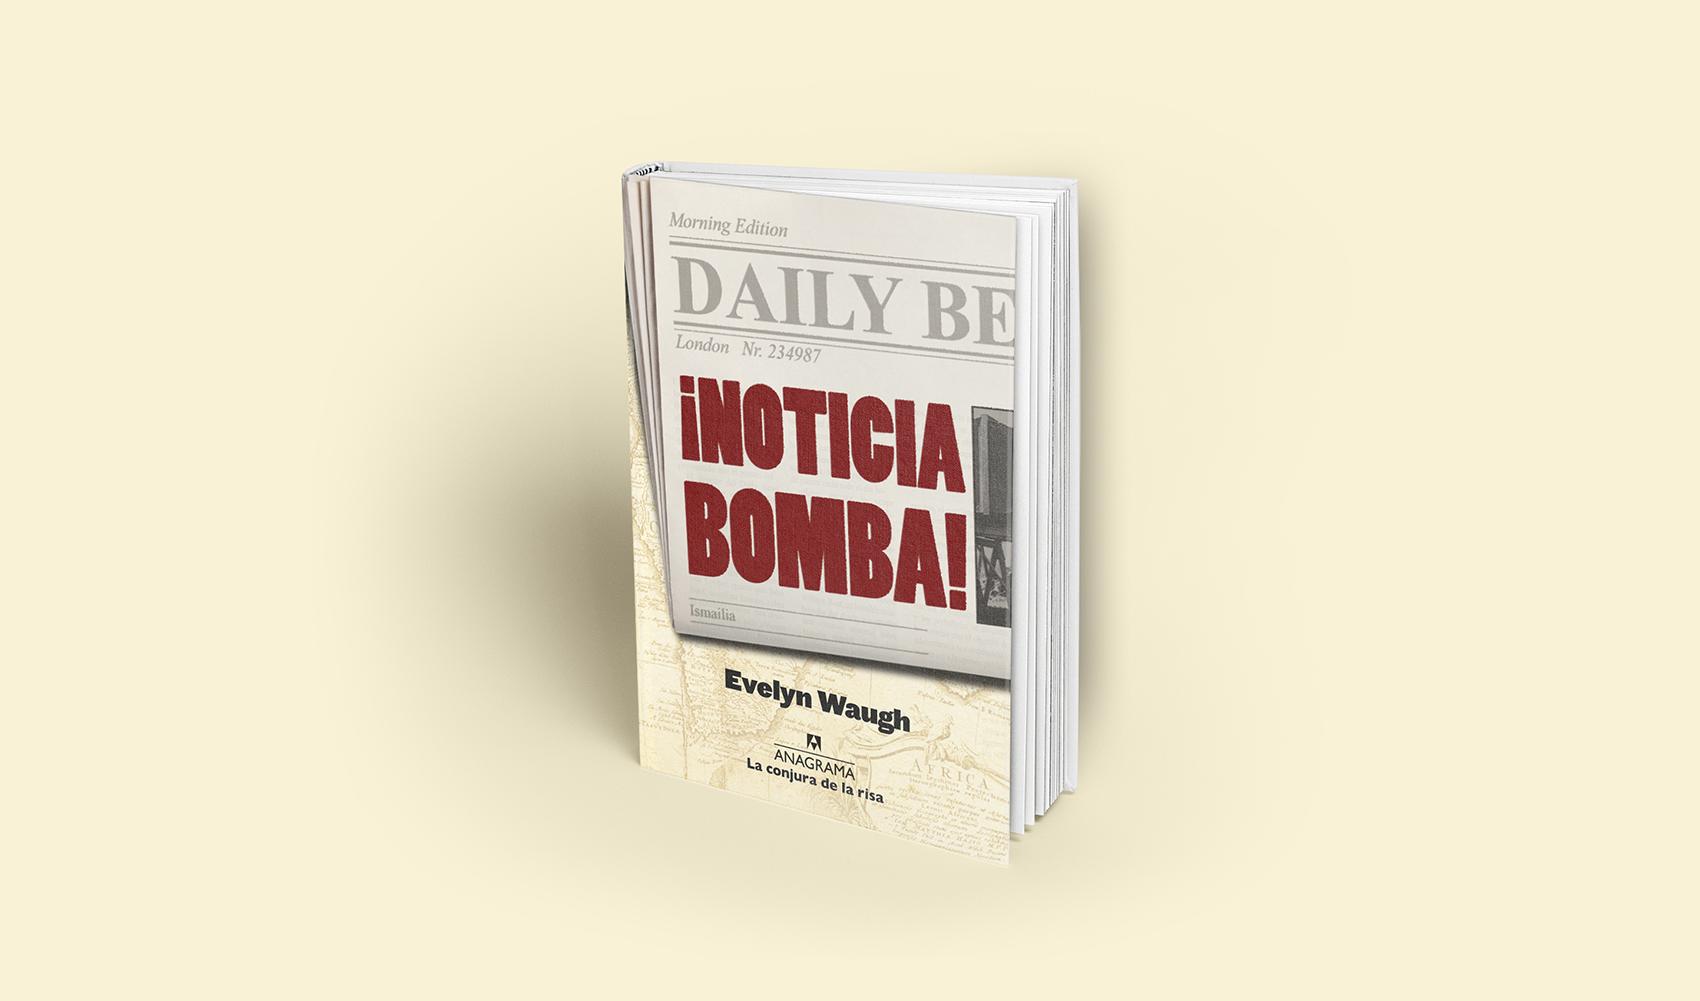 portada_libro_noticia_bomba